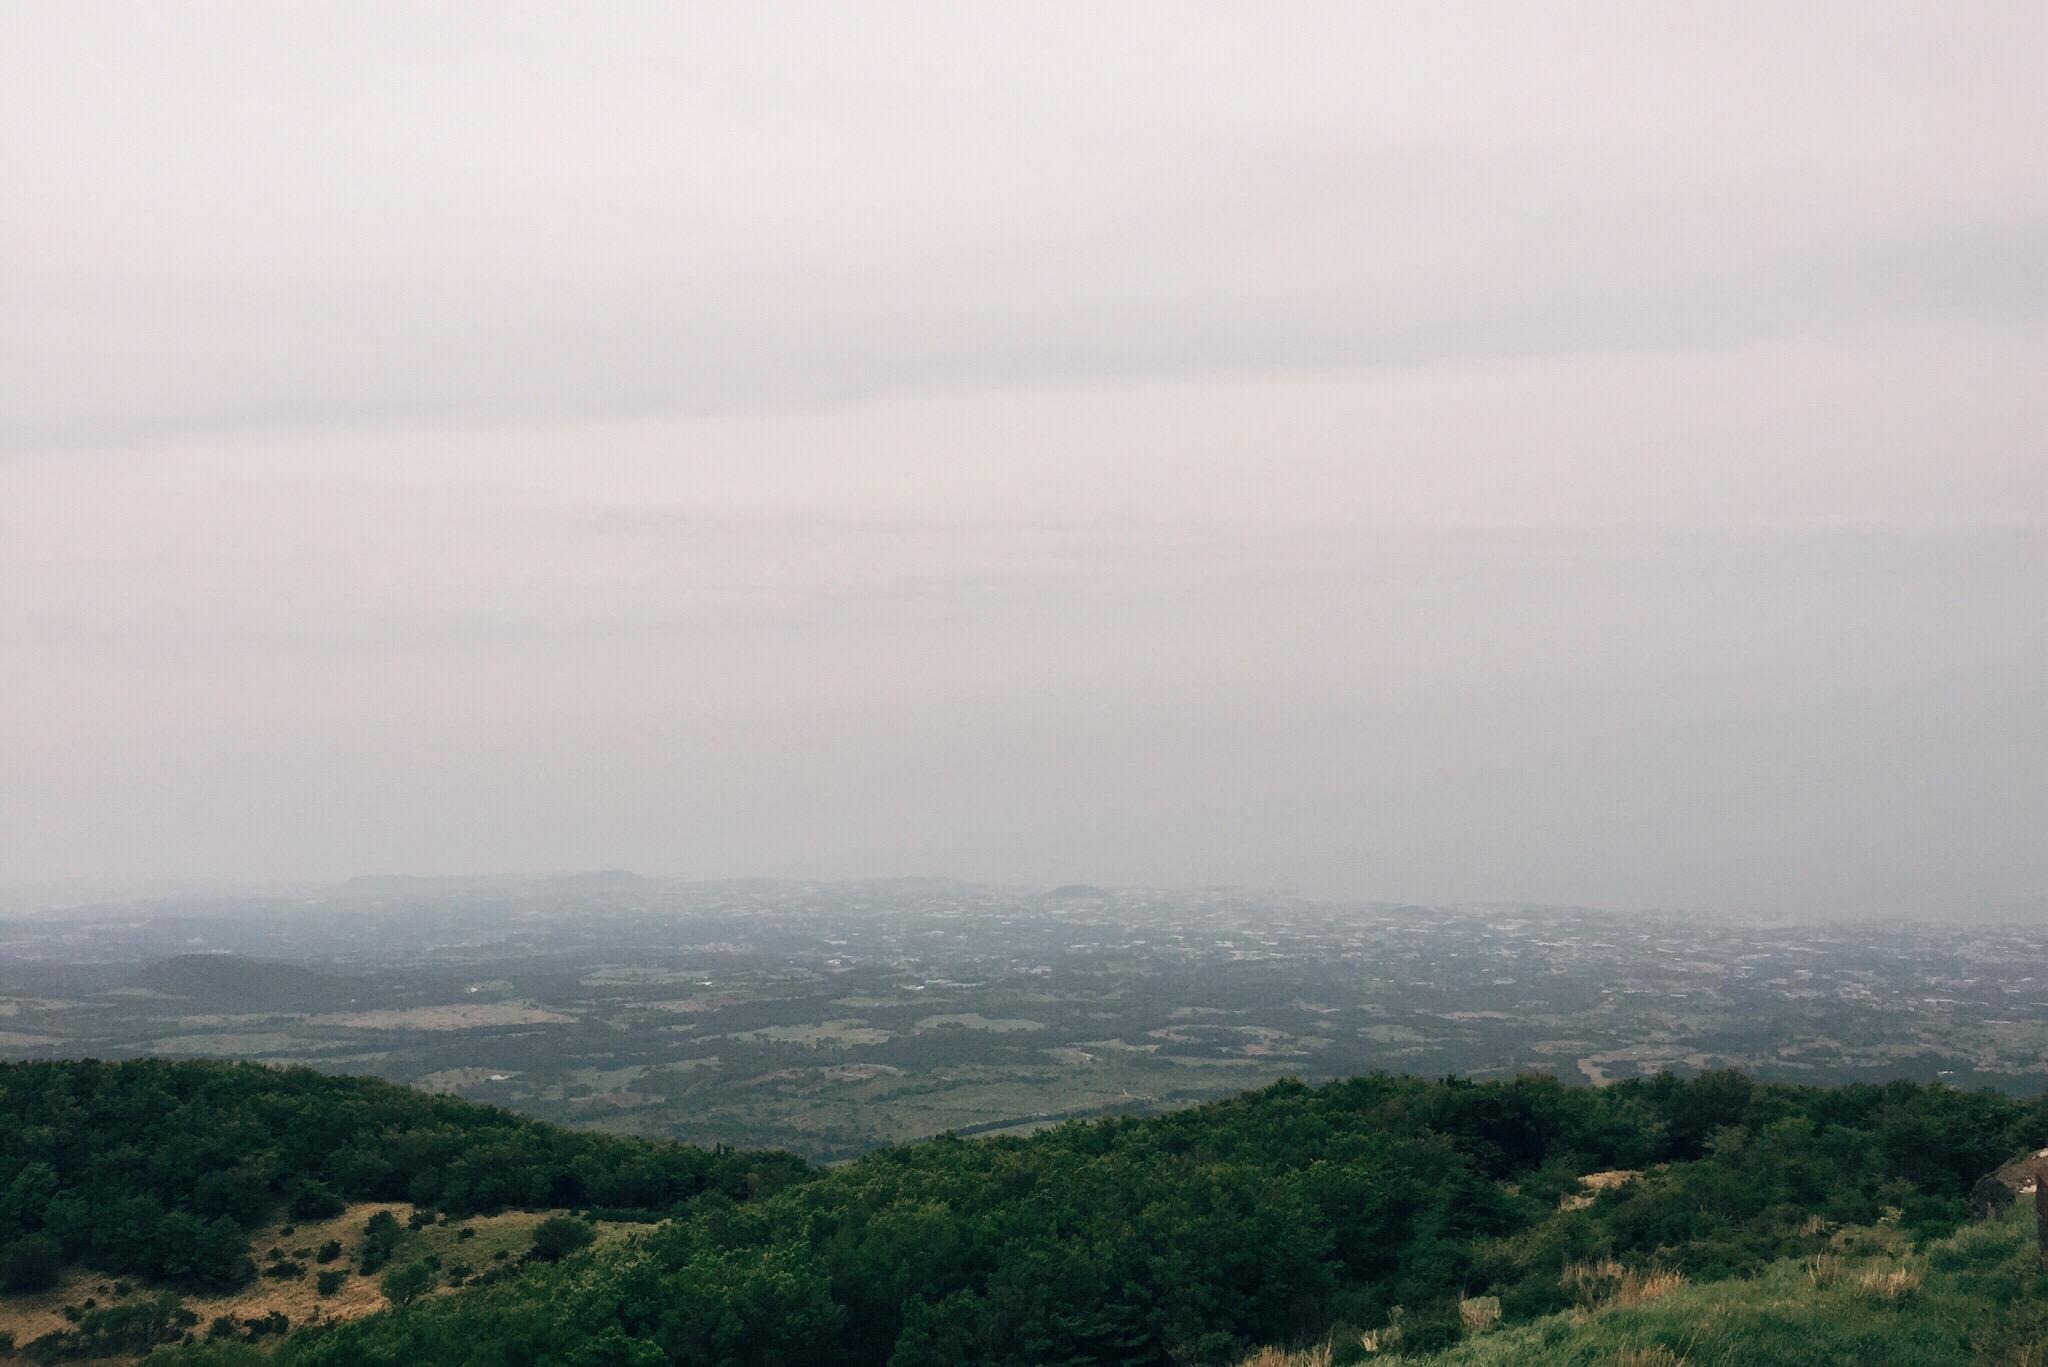 Eoseungsaengak Peak, Jeju Island, South Korea